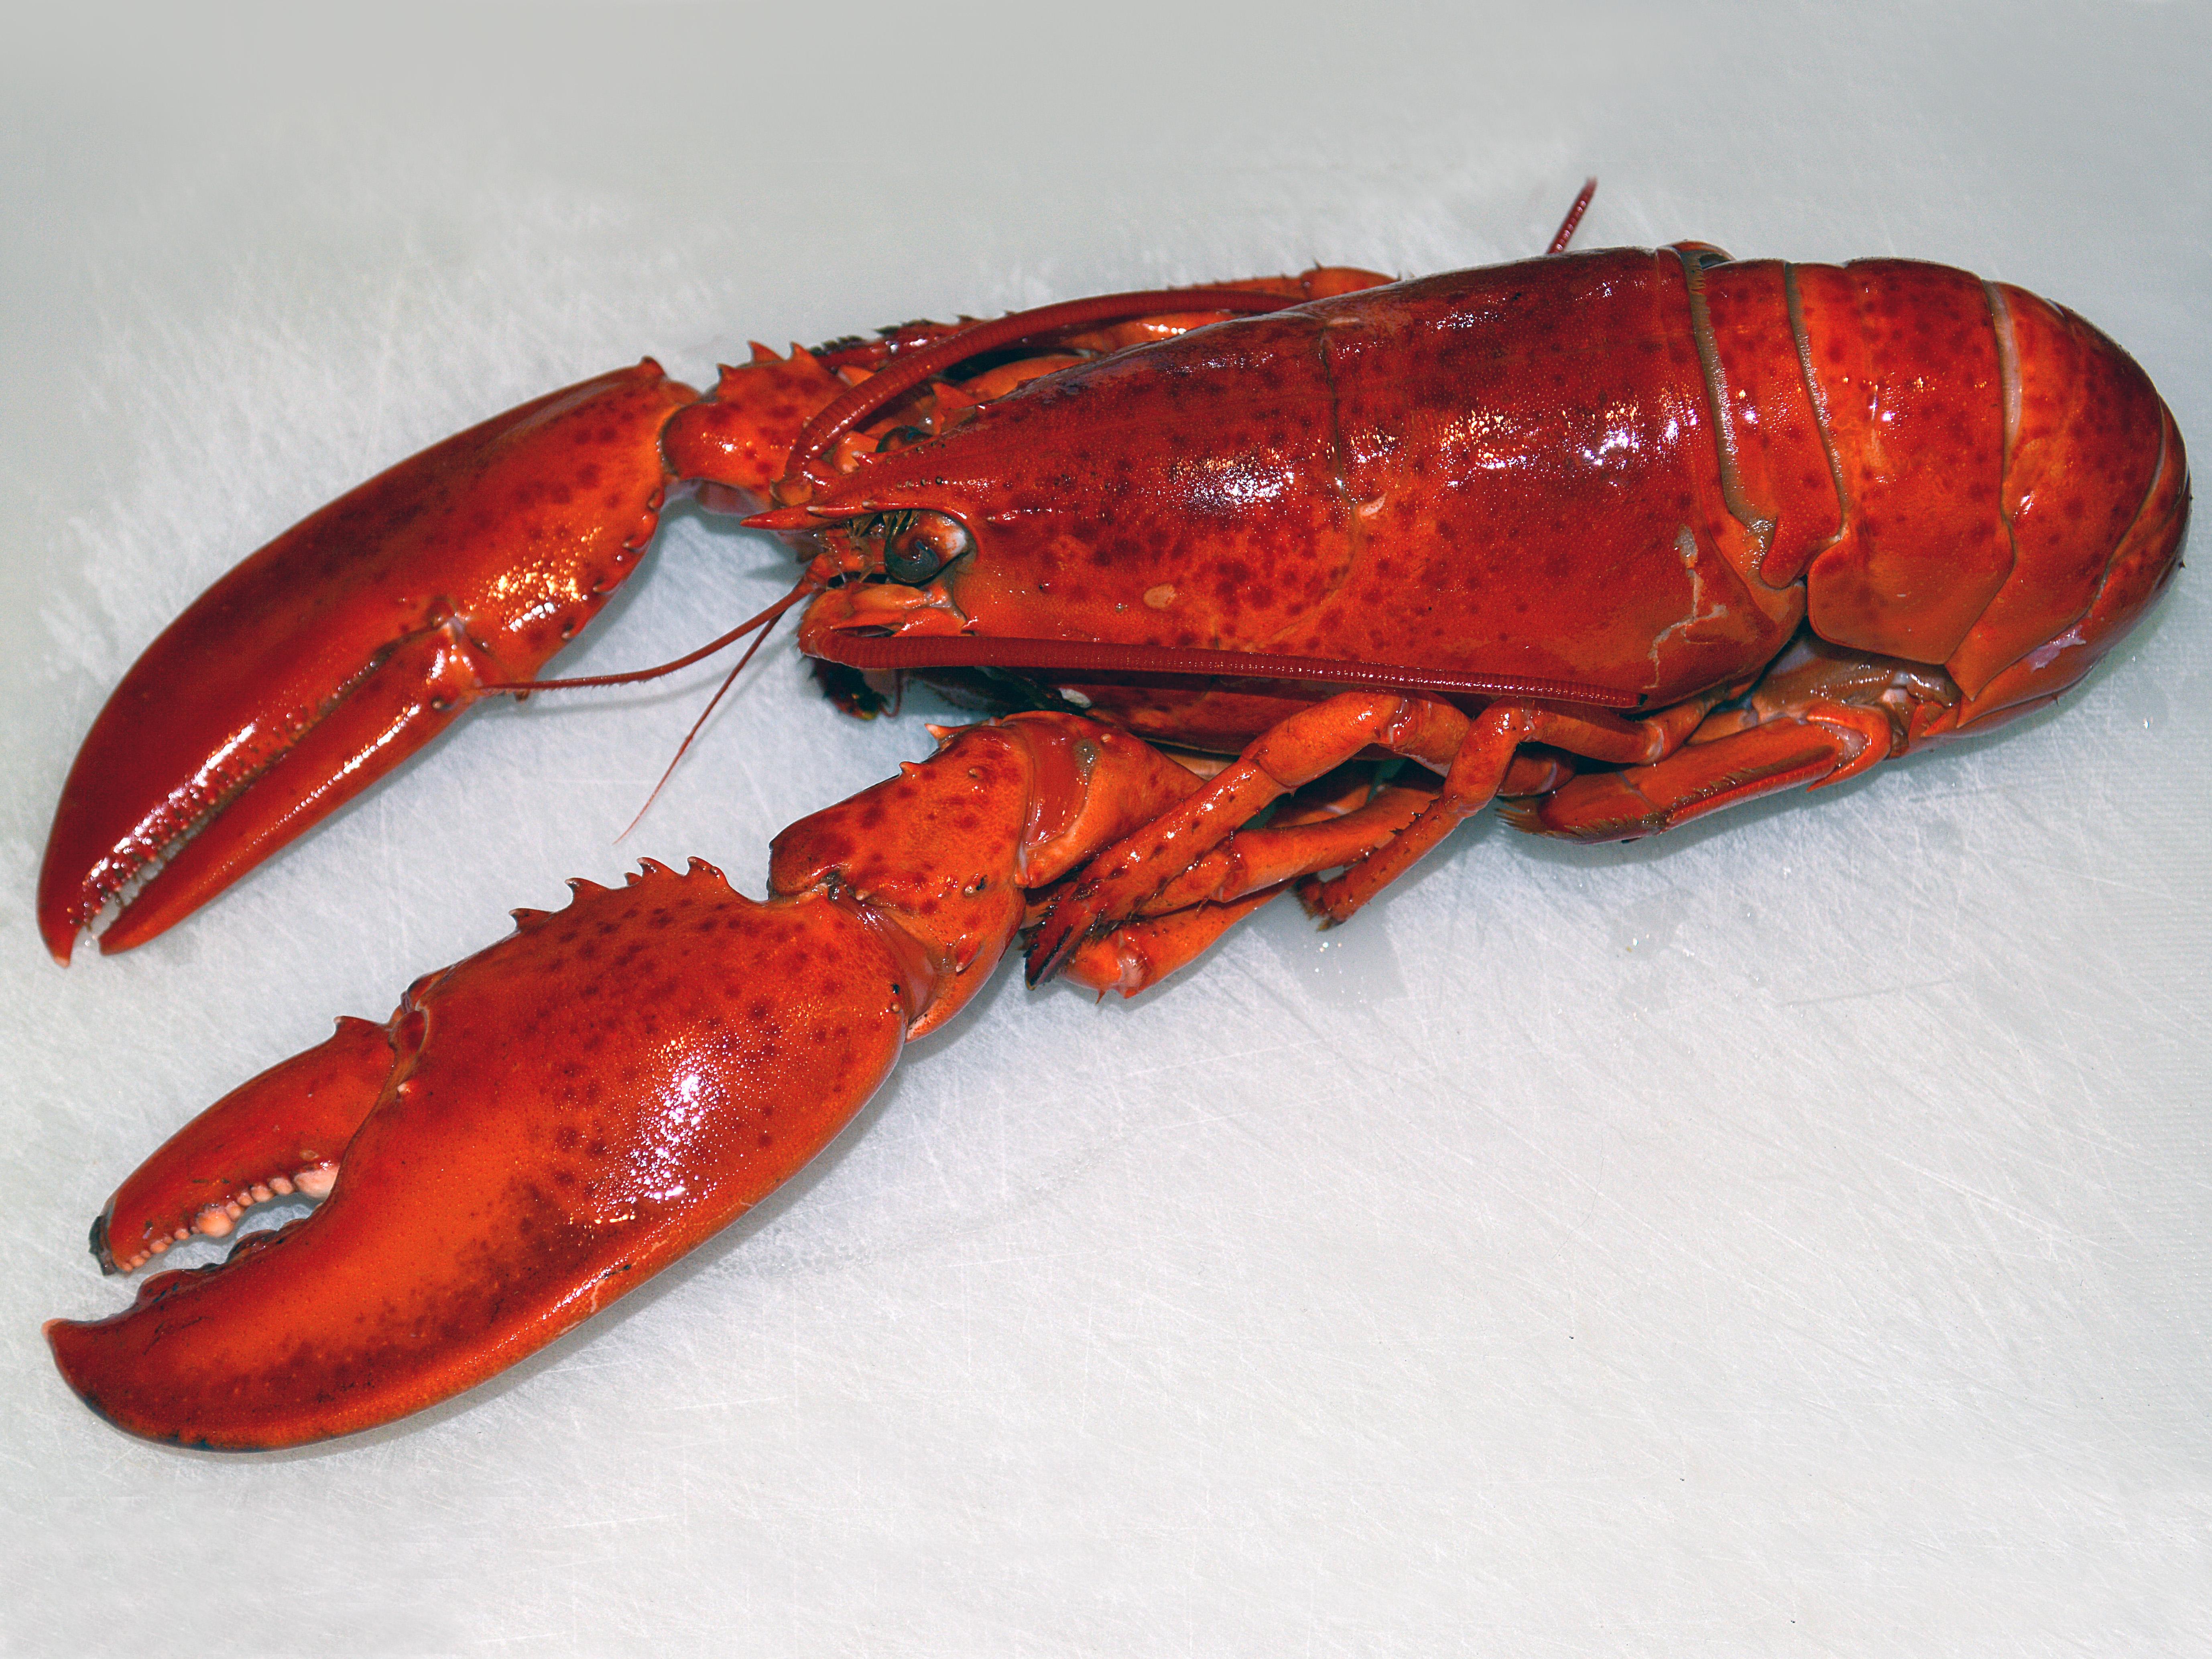 Food Lobster As Pet